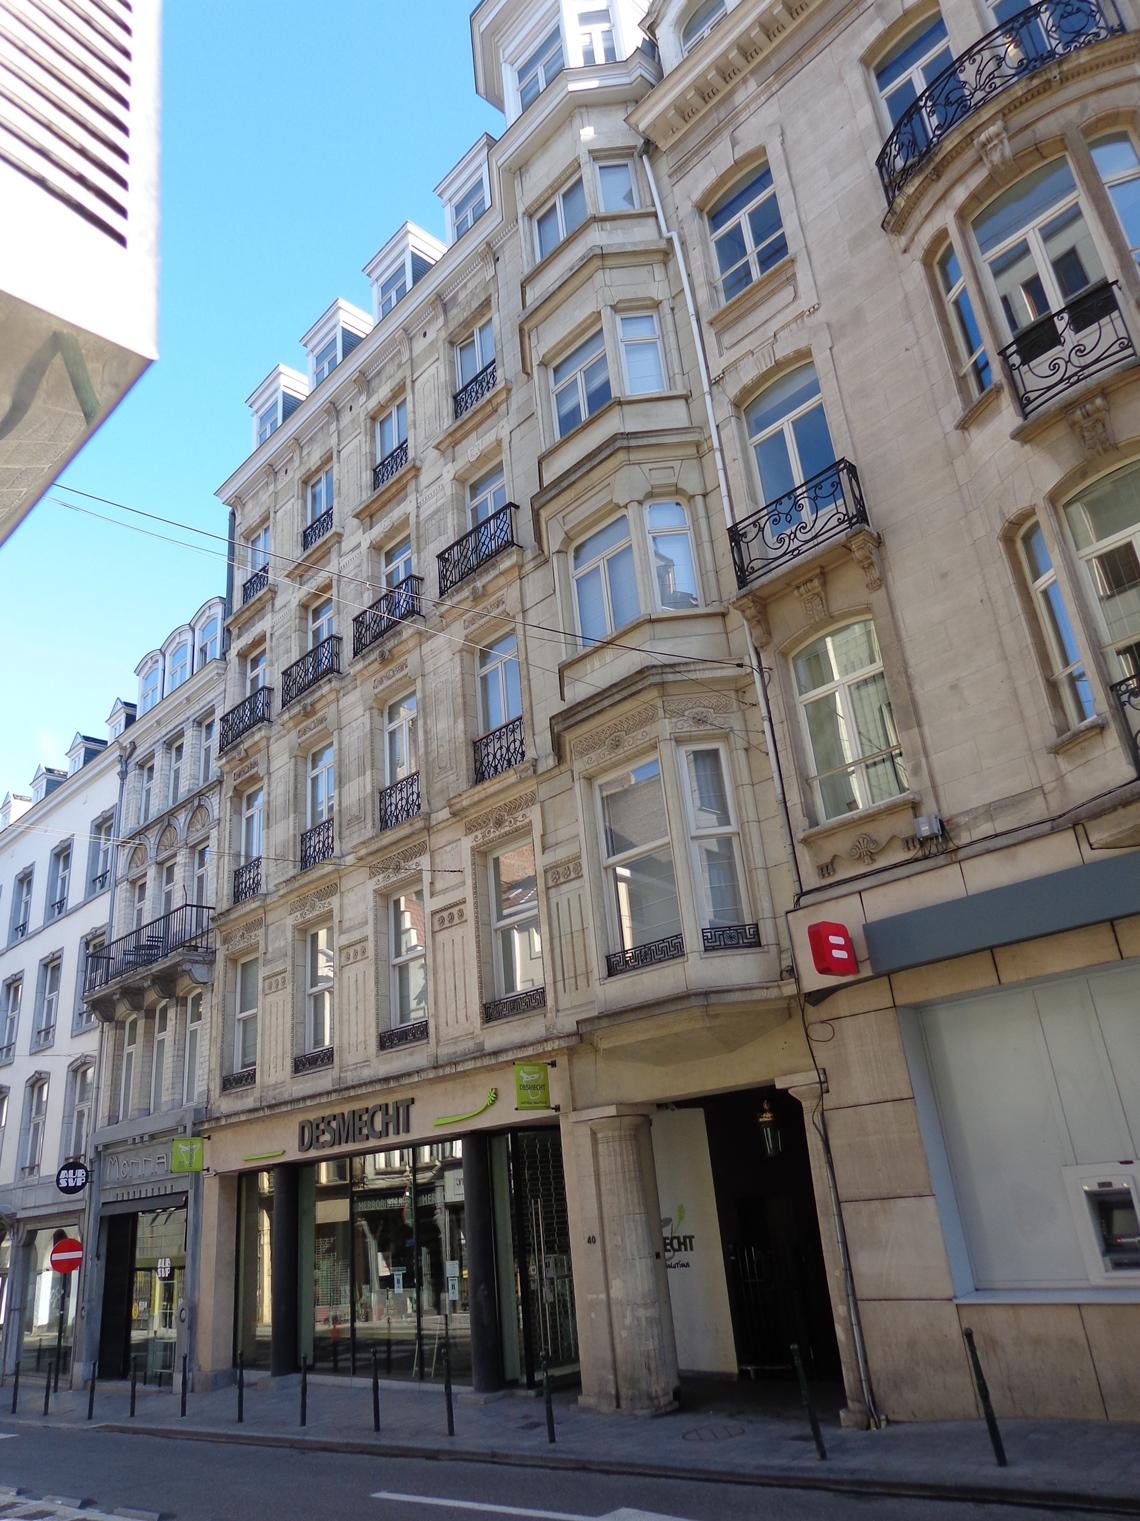 Schildknaapsstraat 38-40, 2015